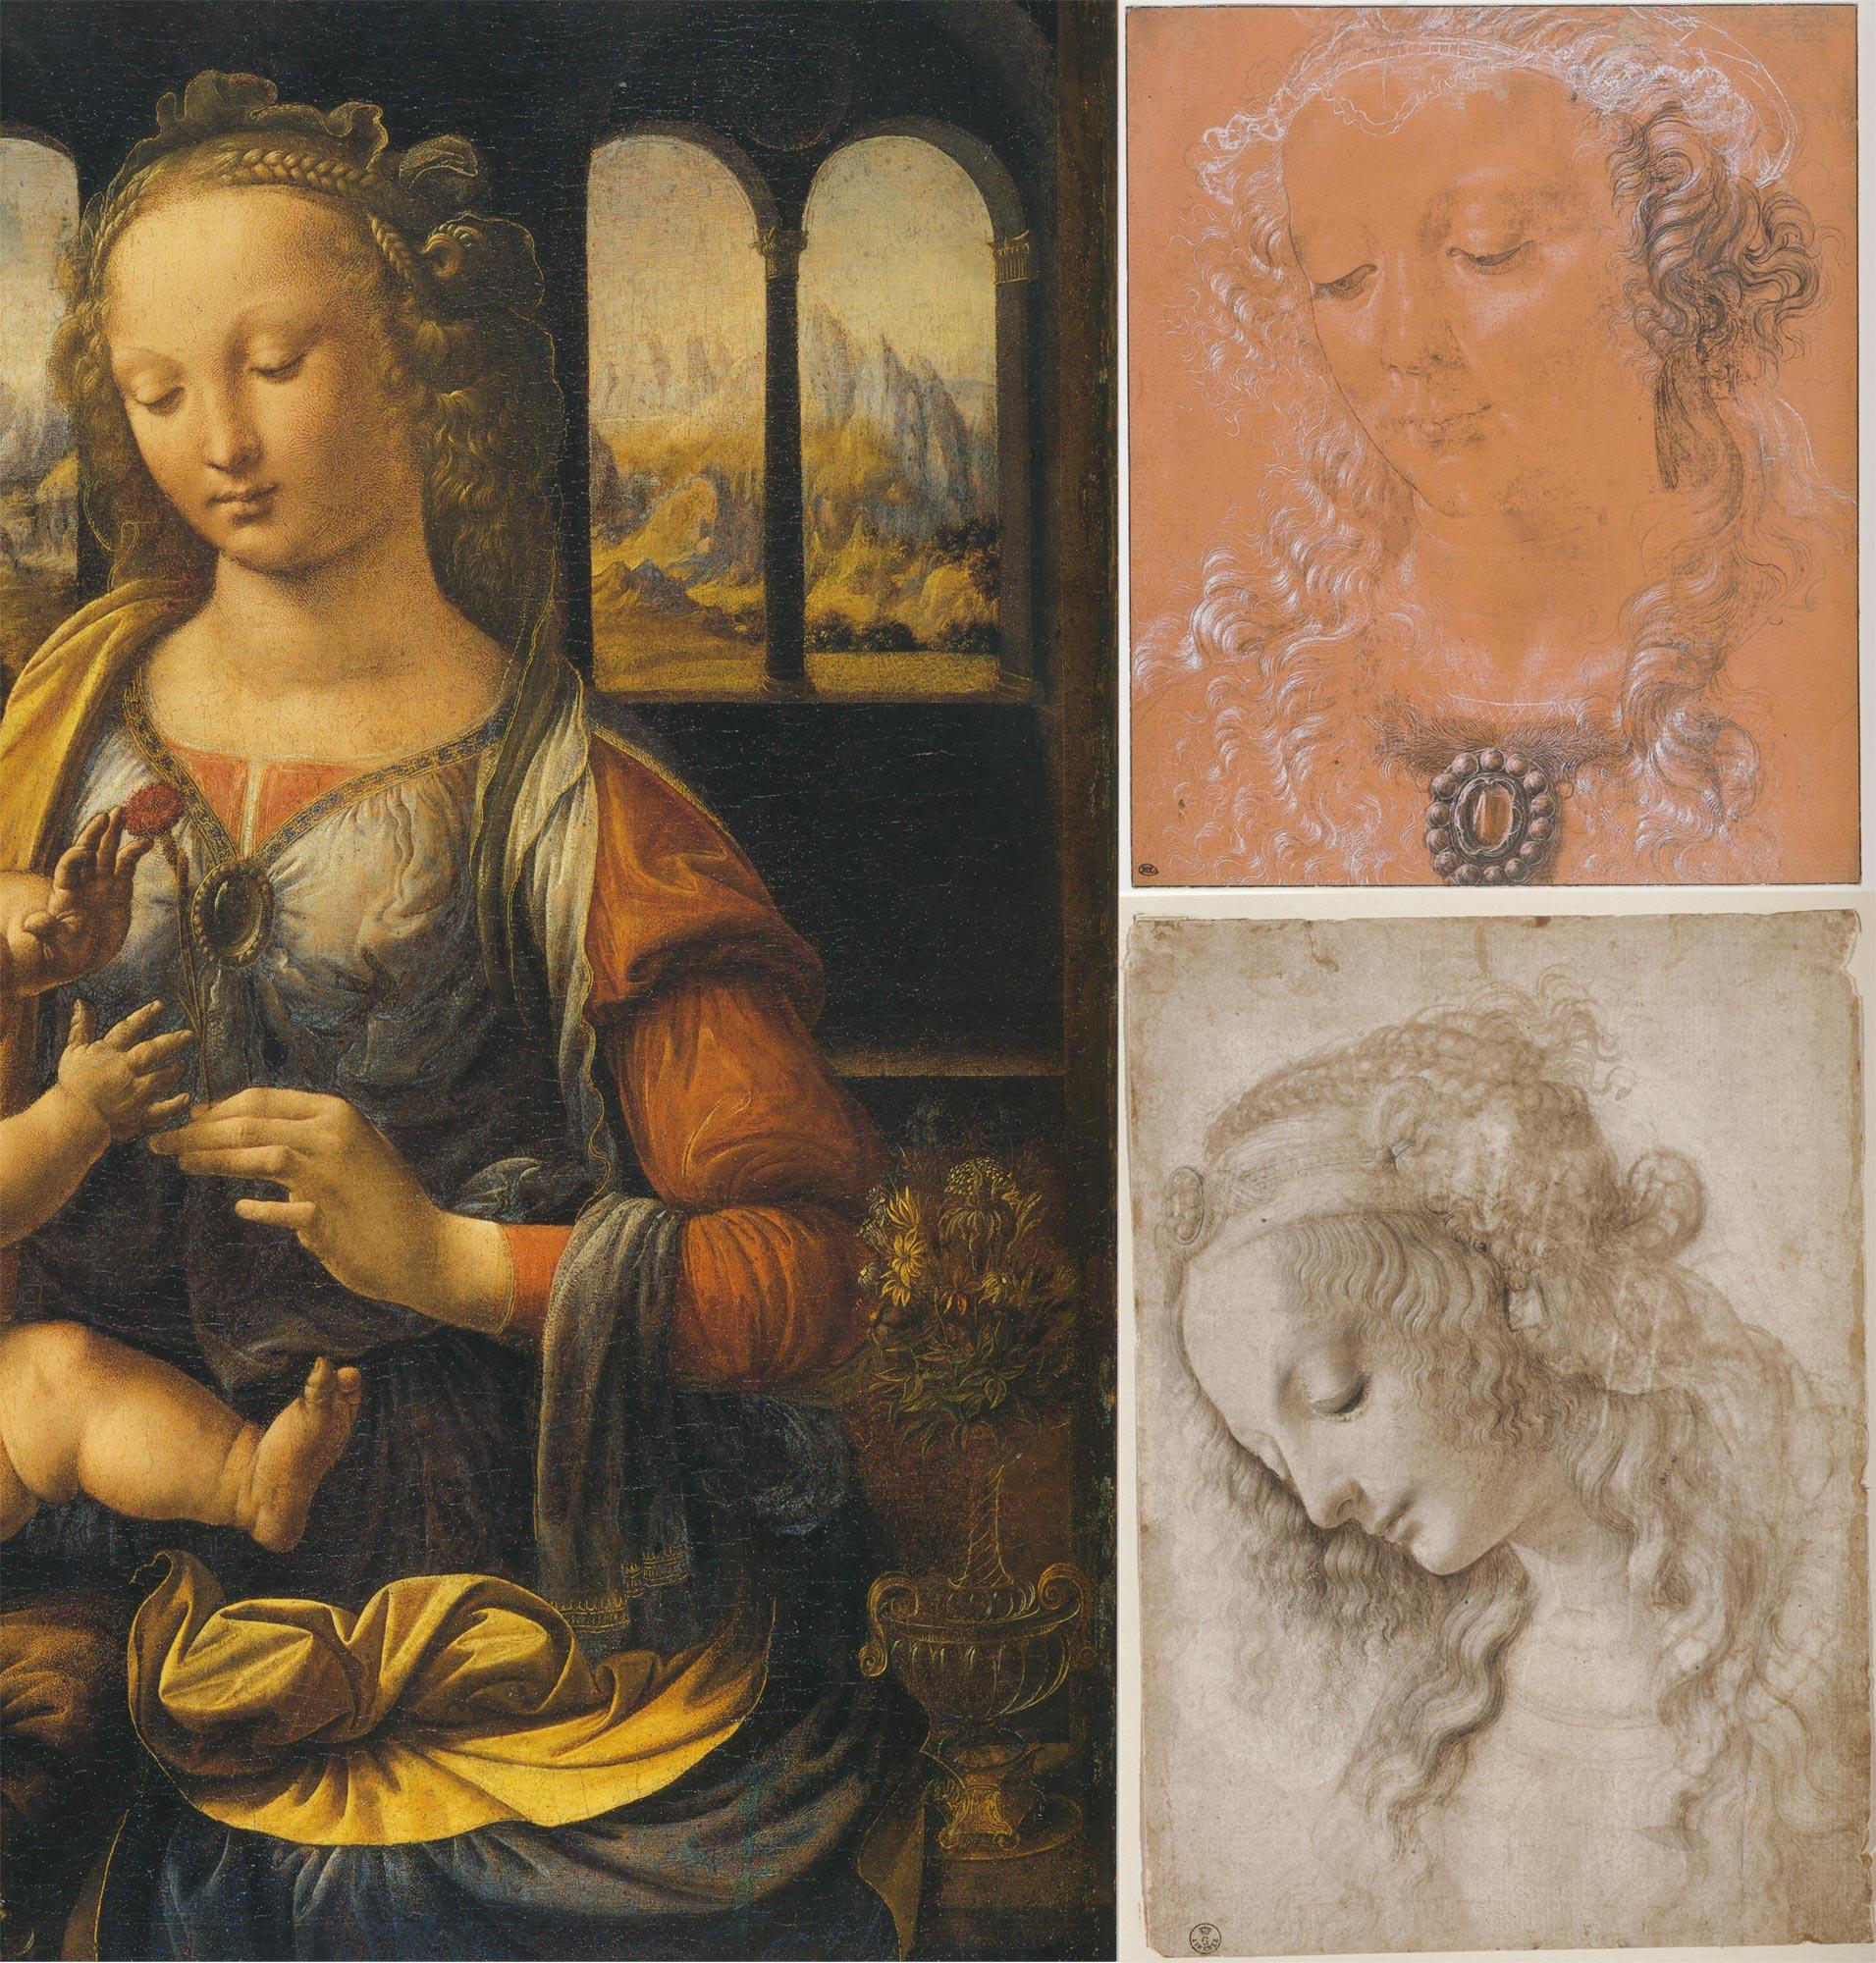 Confronto tra opere di Leonardo